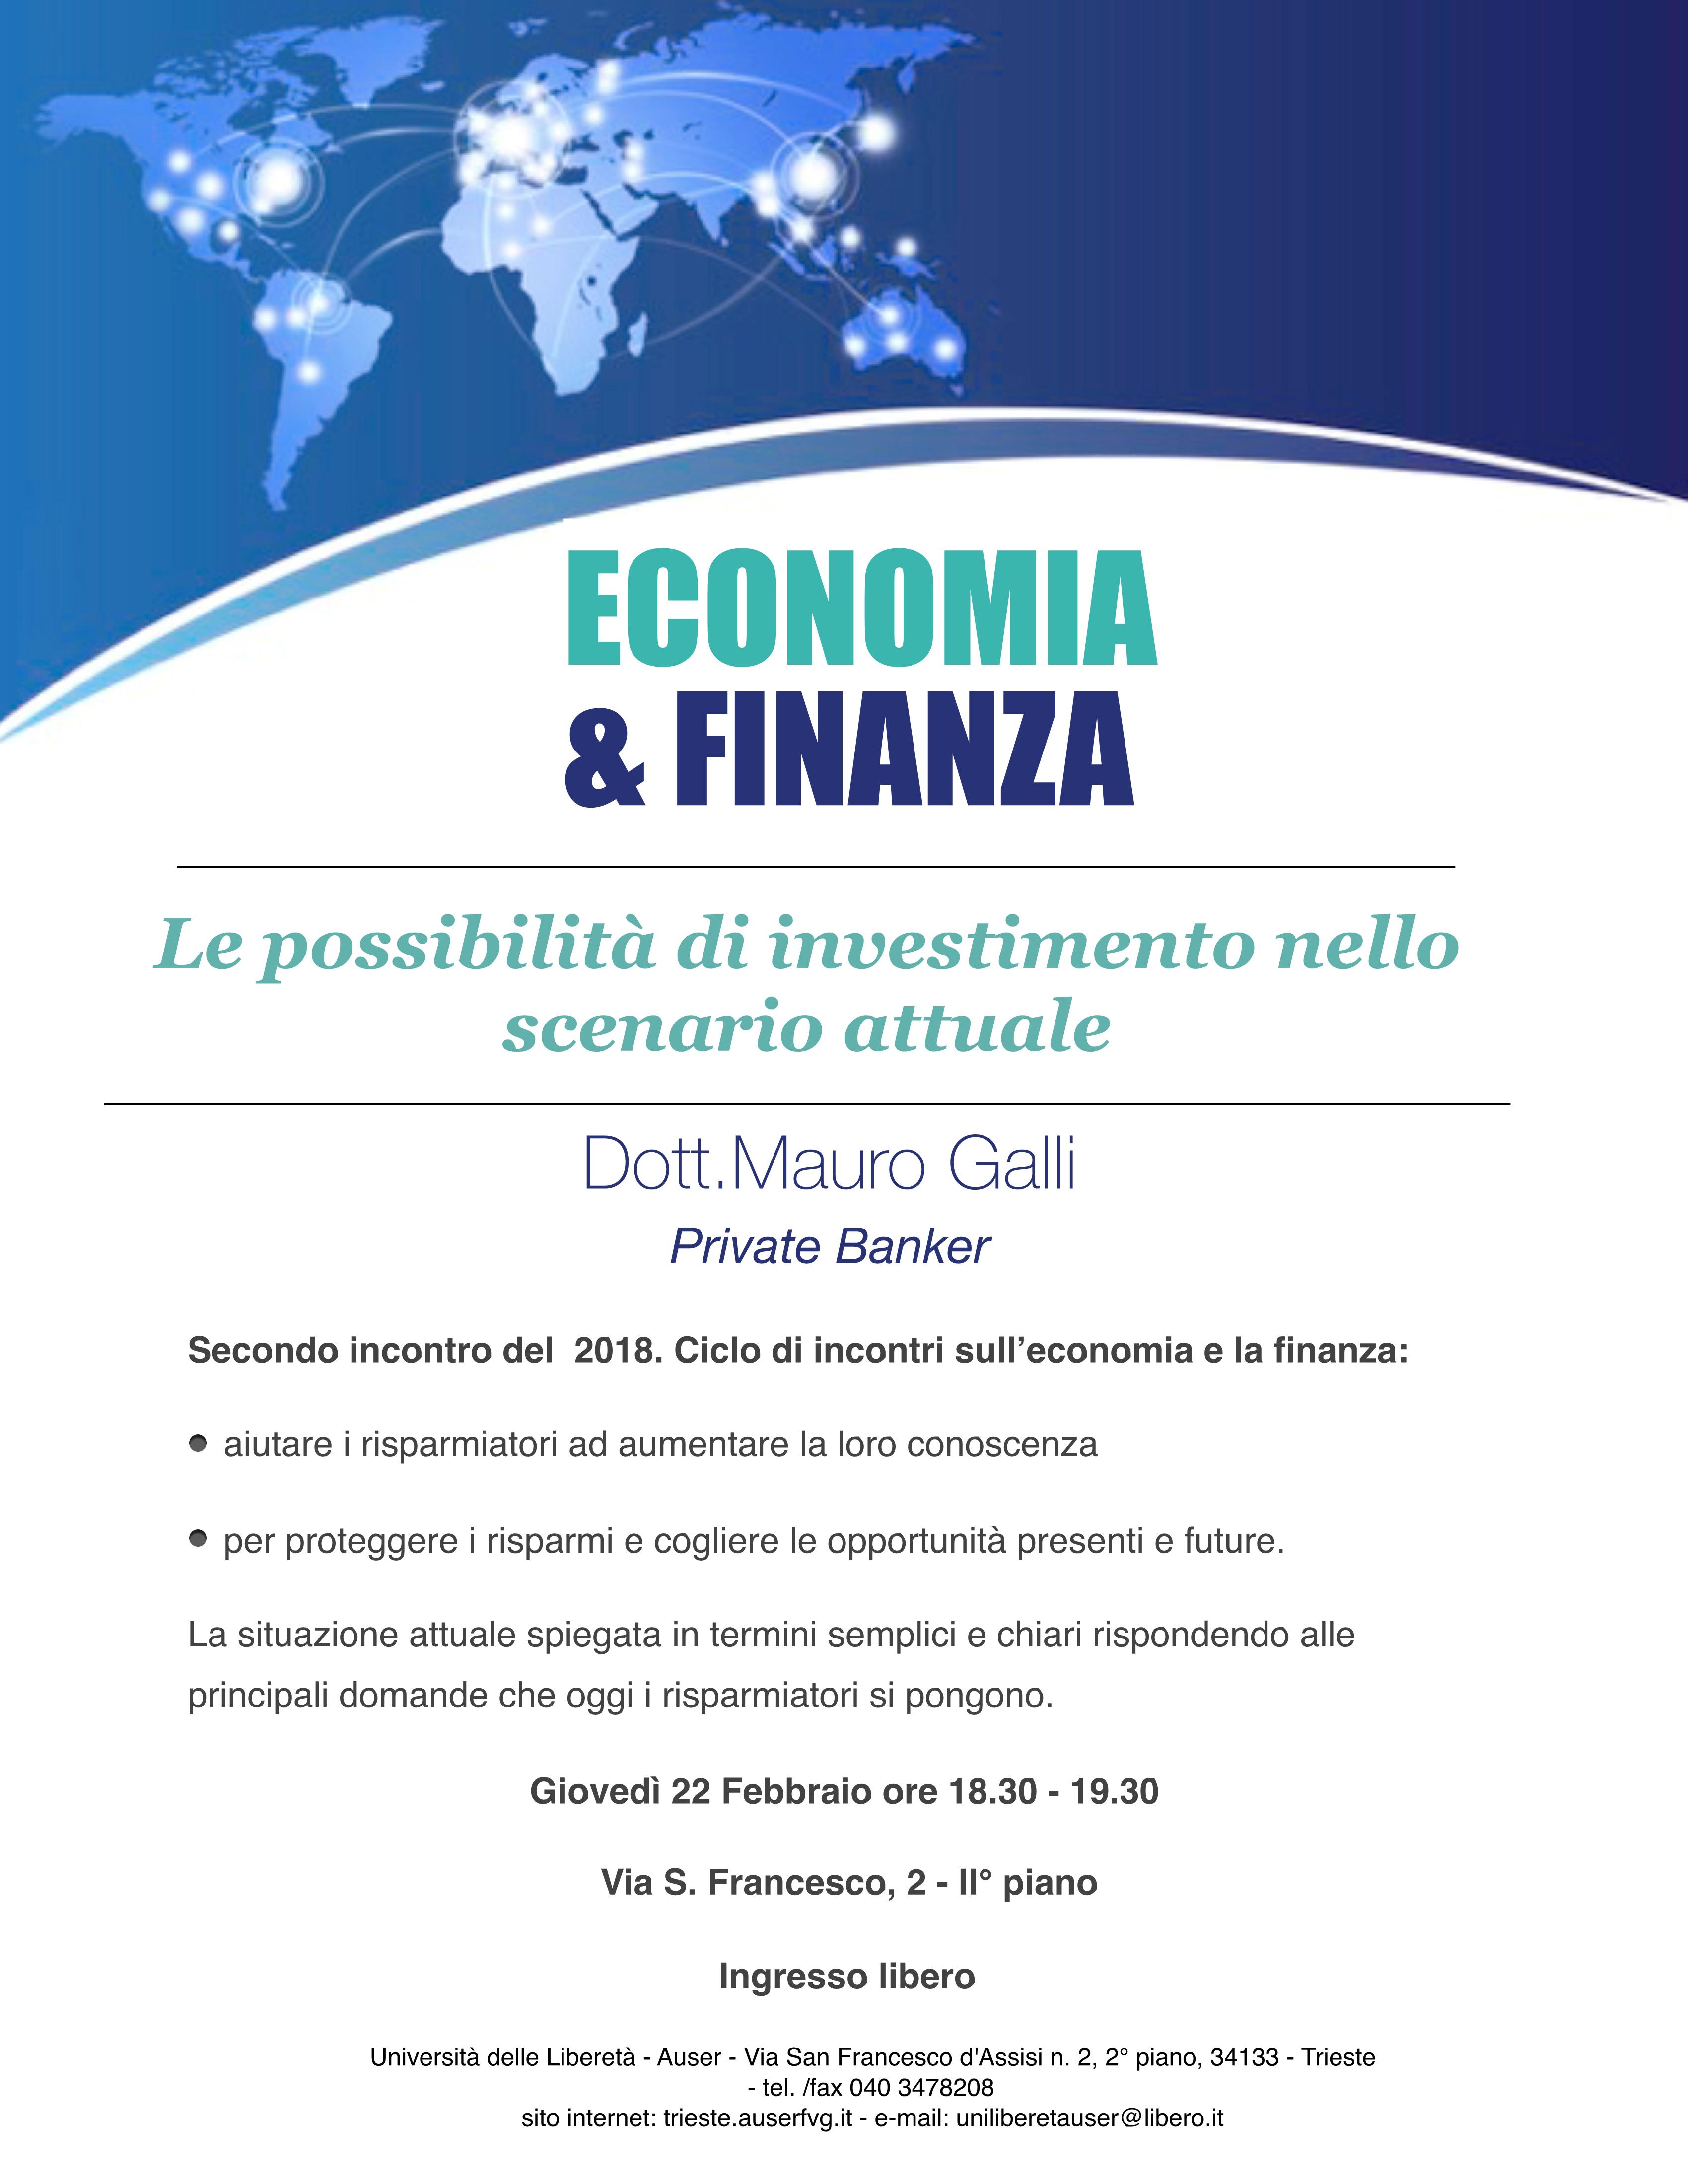 Economia e finanza 22-02-181